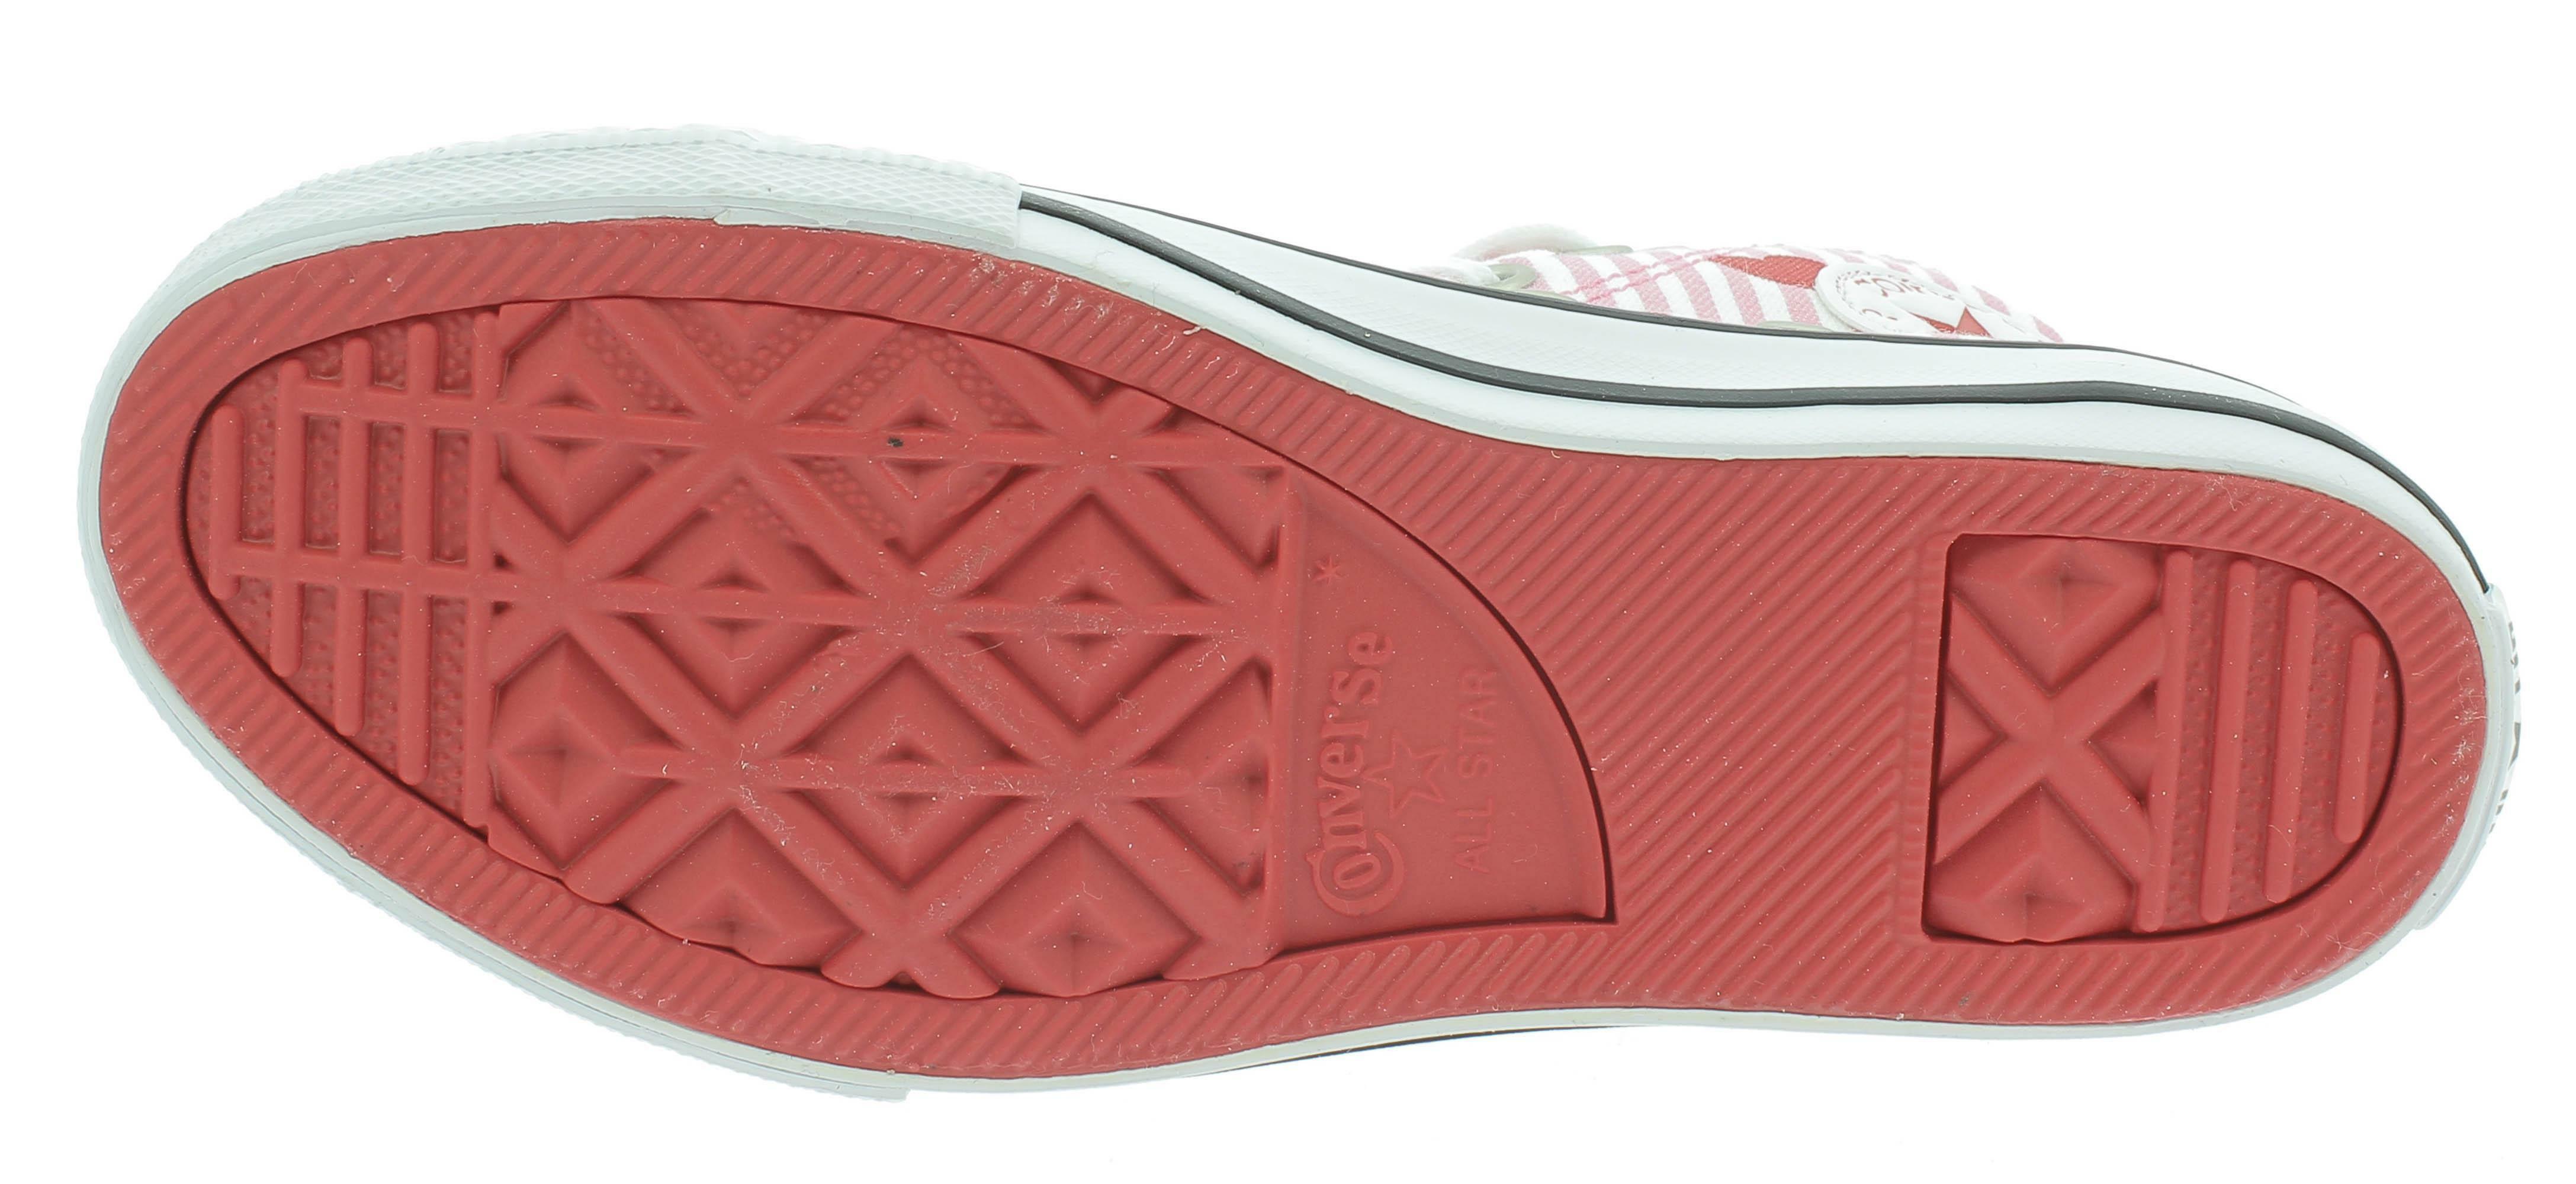 converse ctas hi scarpe sportive bambina rosa 663993c